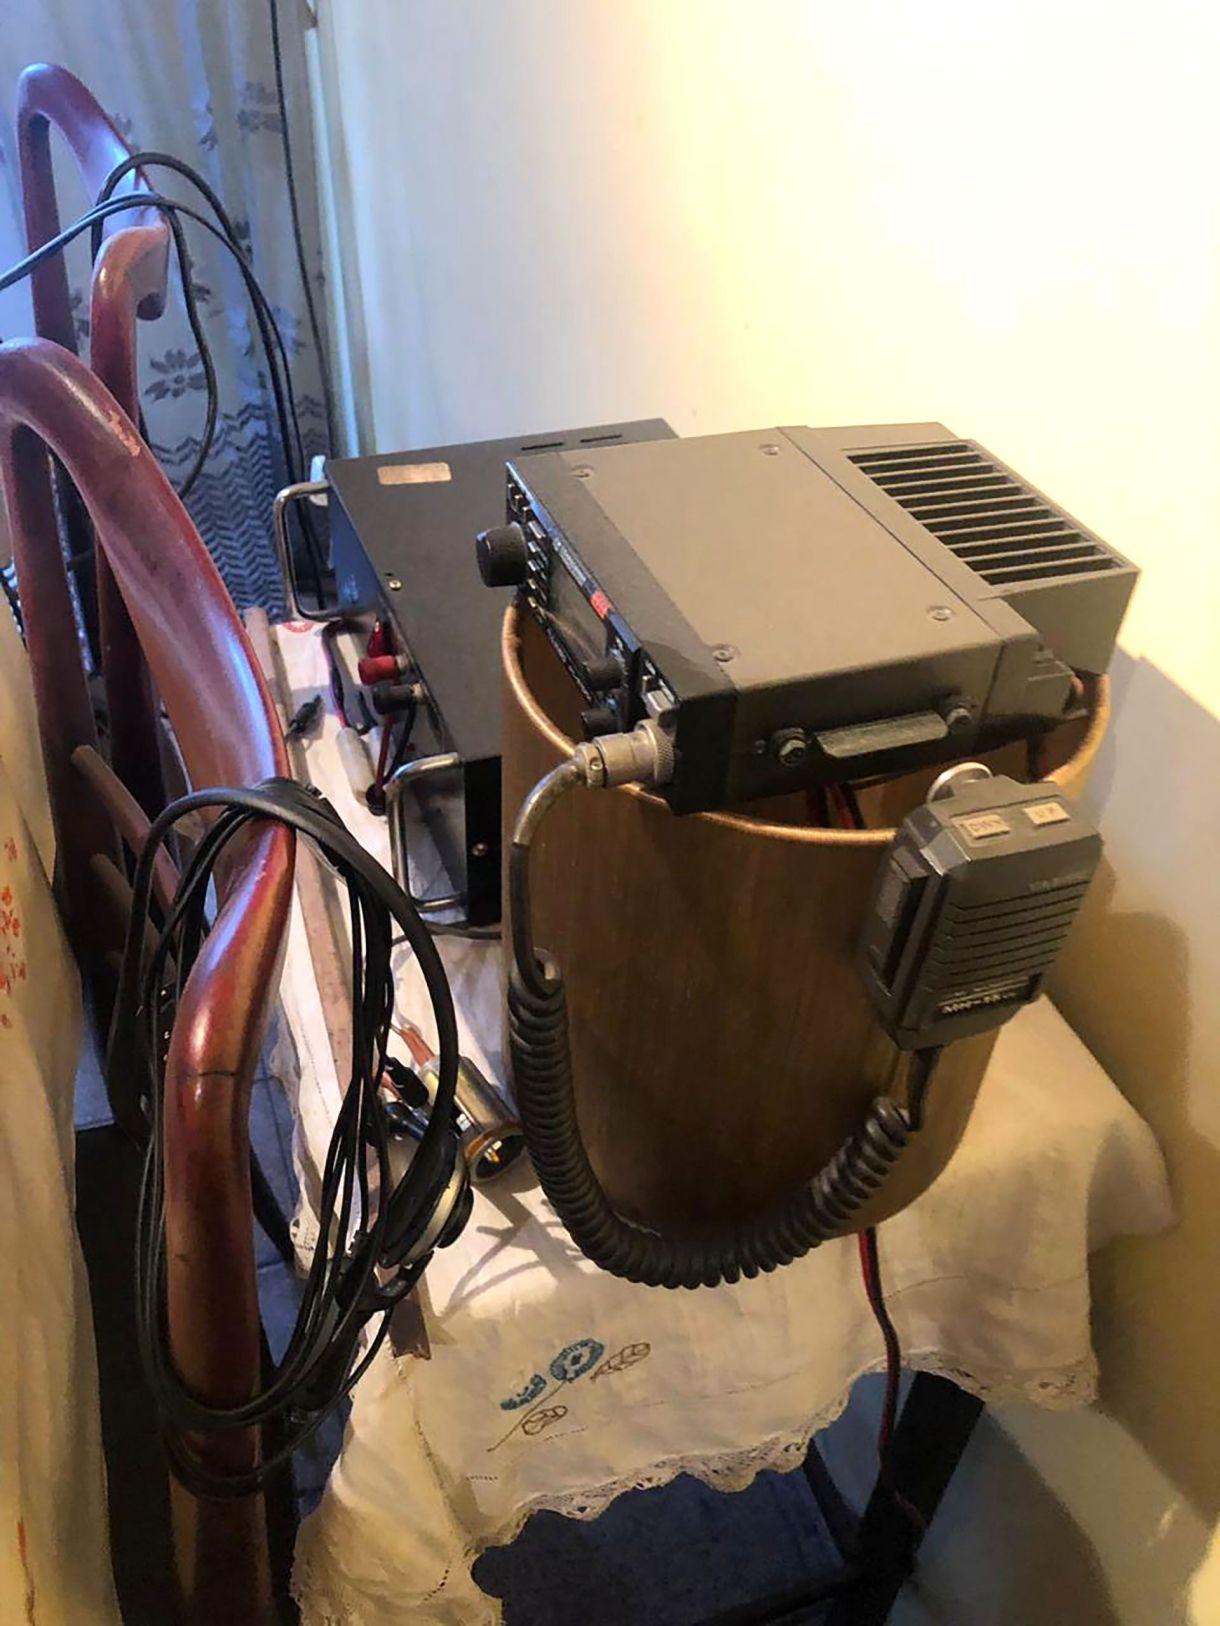 Algunos de los equipos electrónicos detectados.